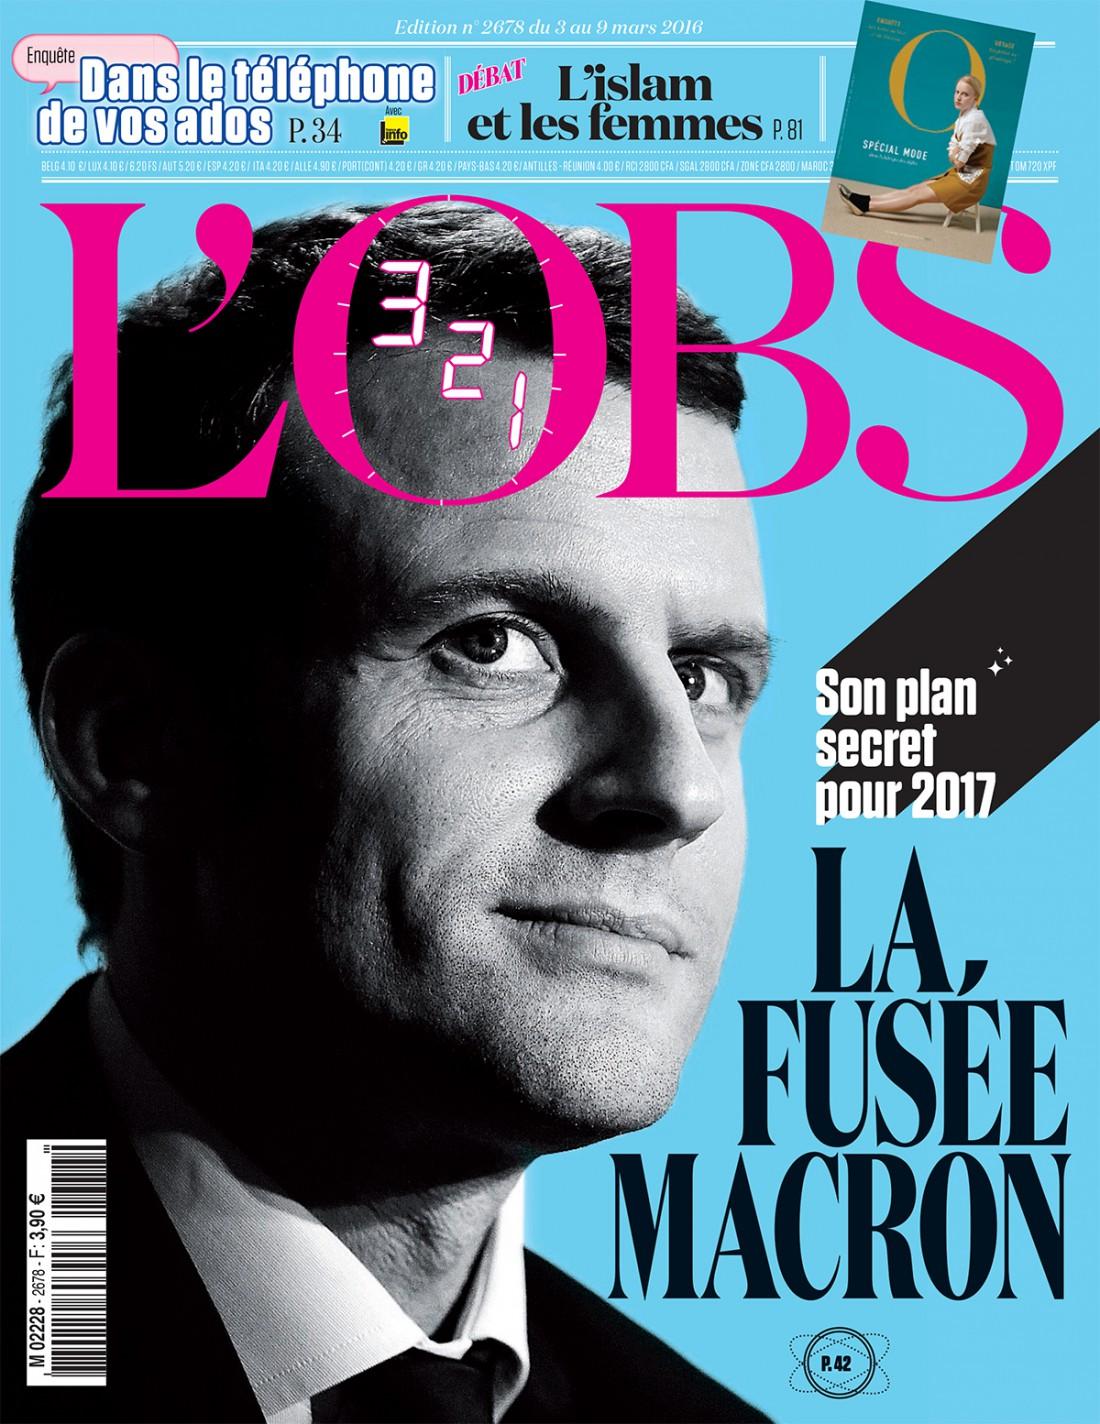 Obs fusée Macron